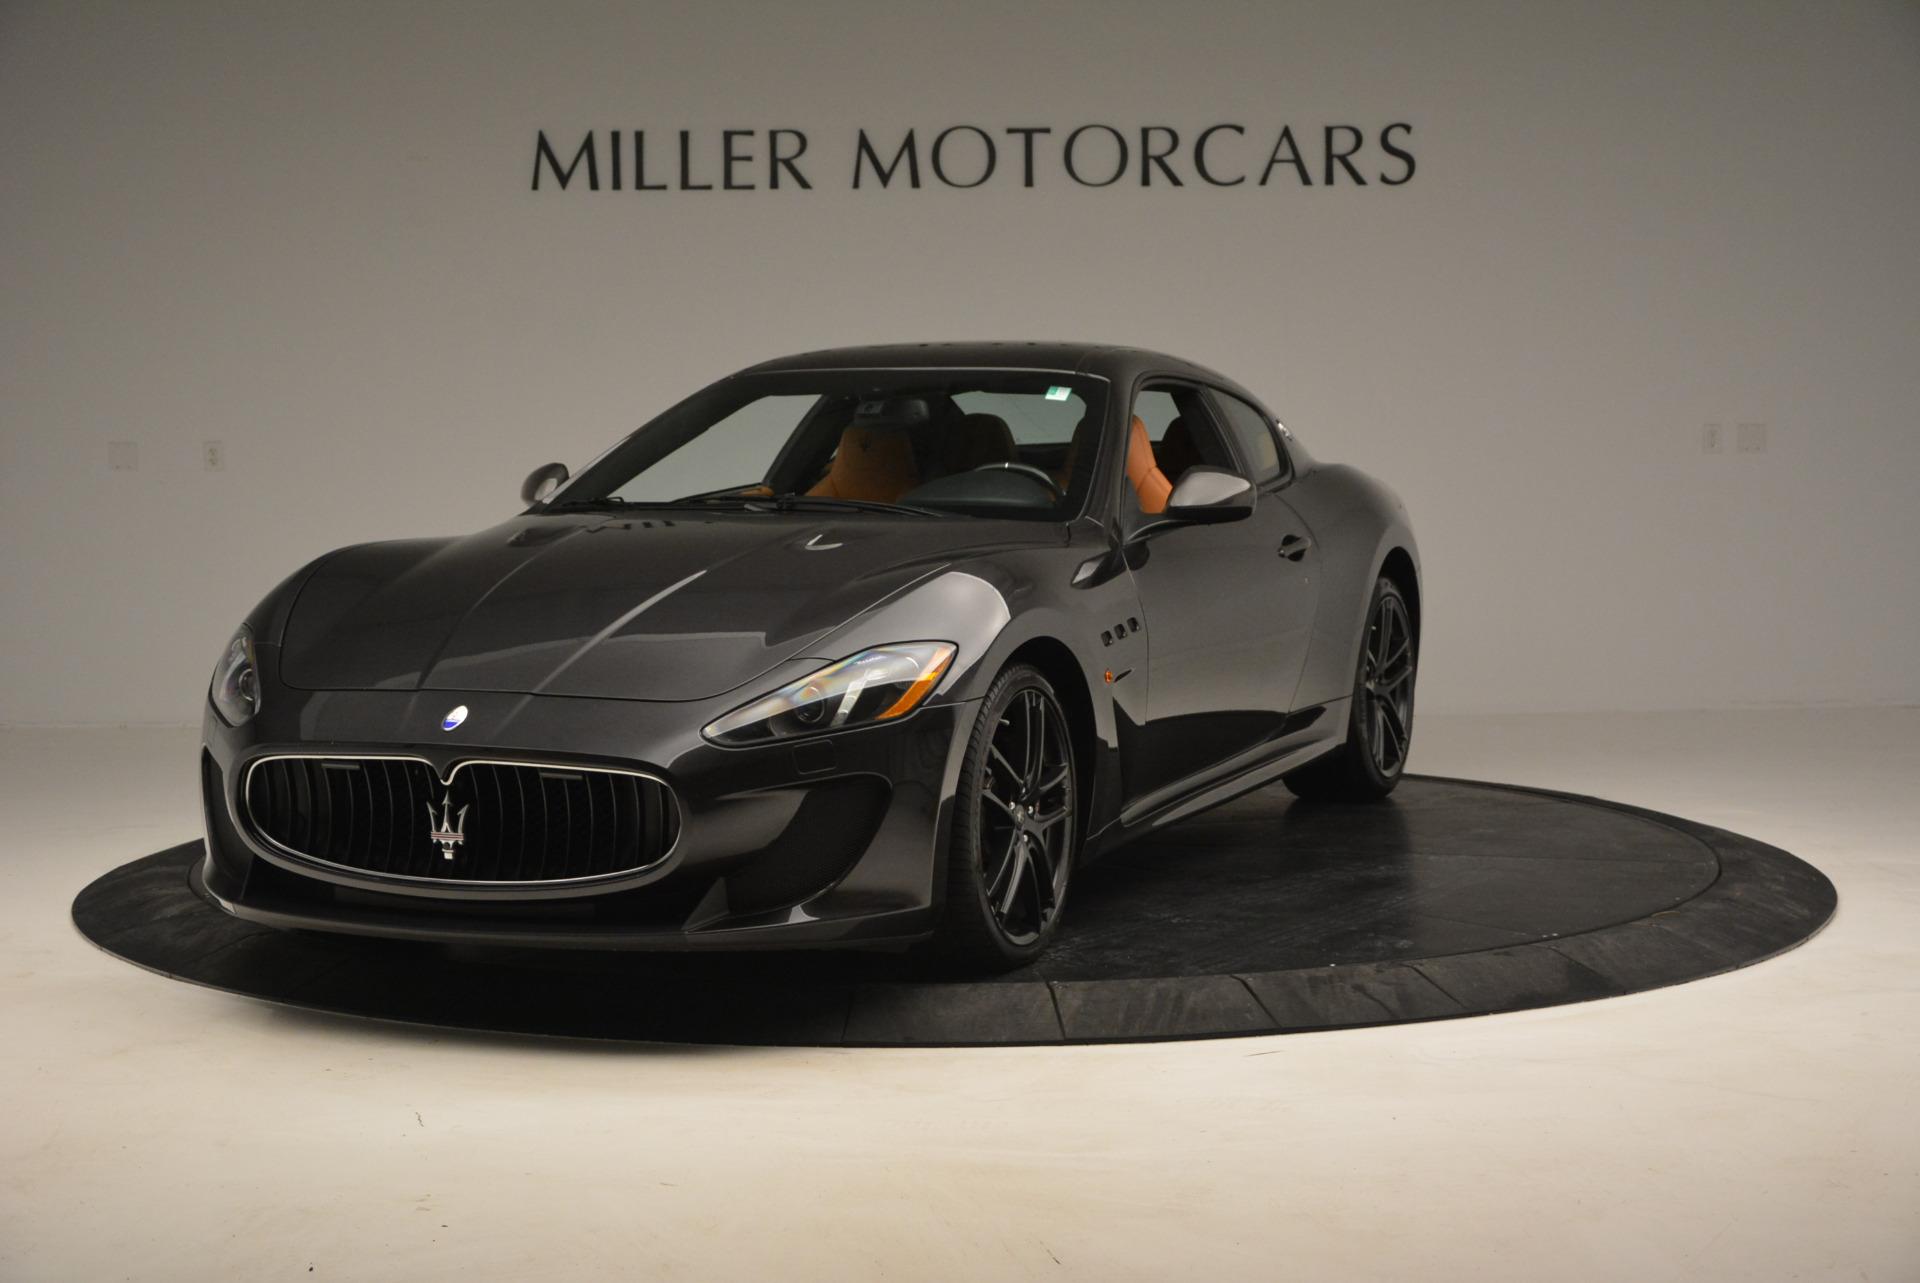 Used 2013 Maserati GranTurismo MC For Sale In Greenwich, CT. Alfa Romeo of Greenwich, 7127 773_main